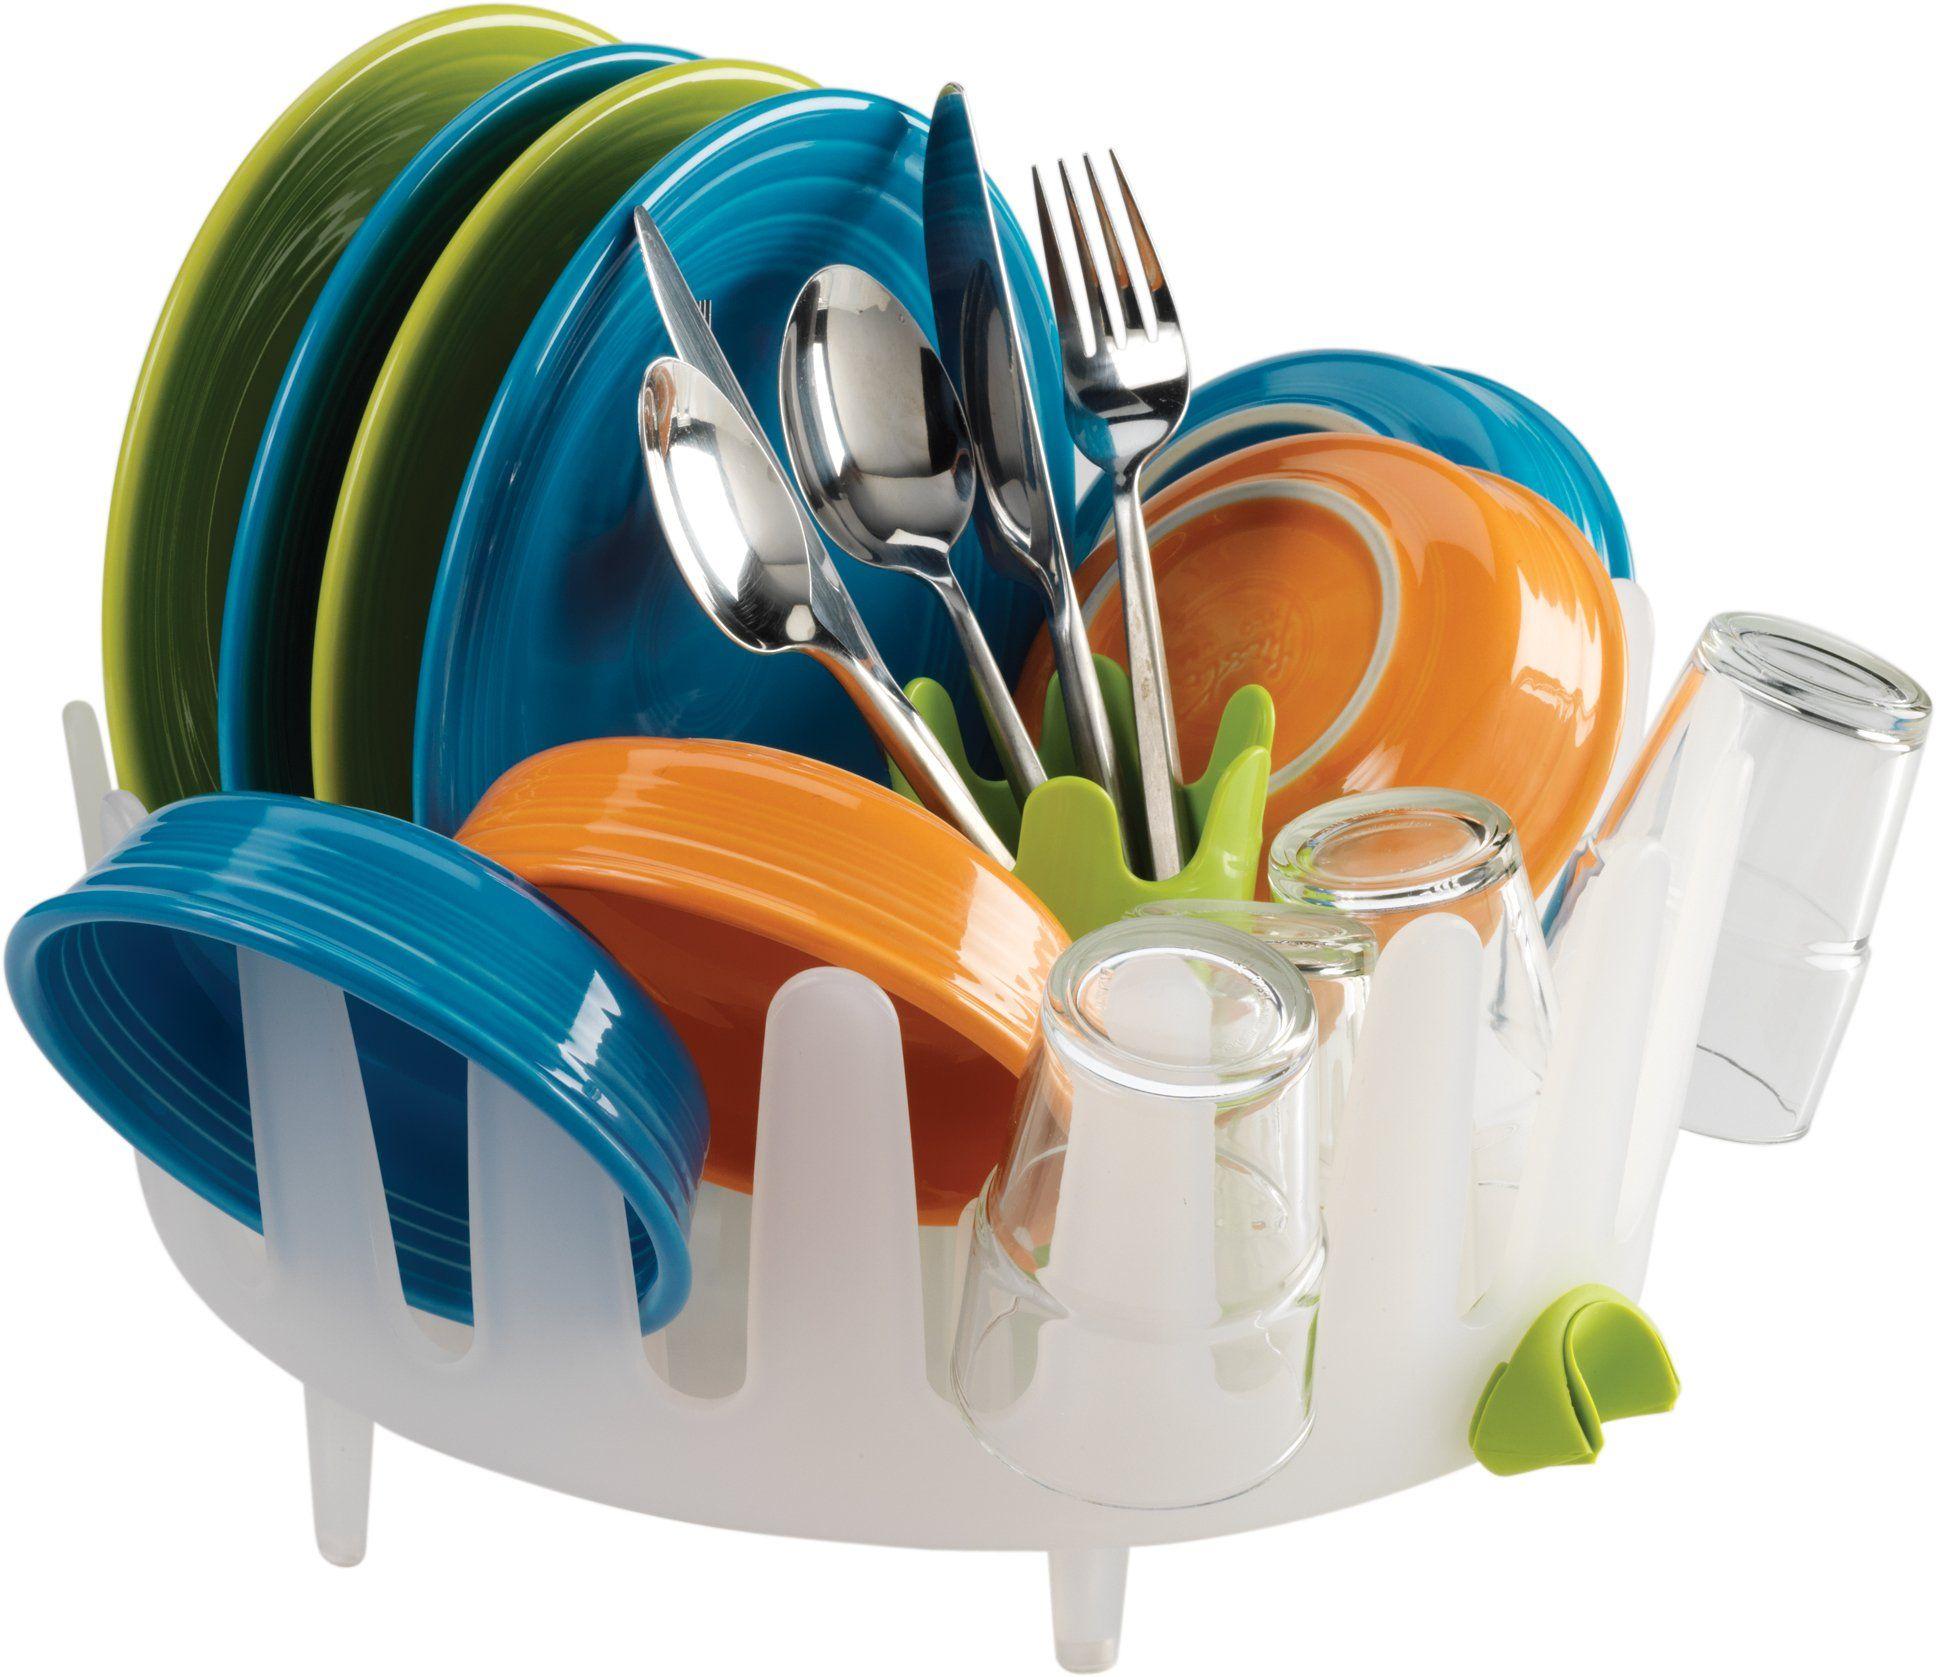 Dish Garden Round Compact Dishrack Drainer & Cutlery Basket 34cm ...